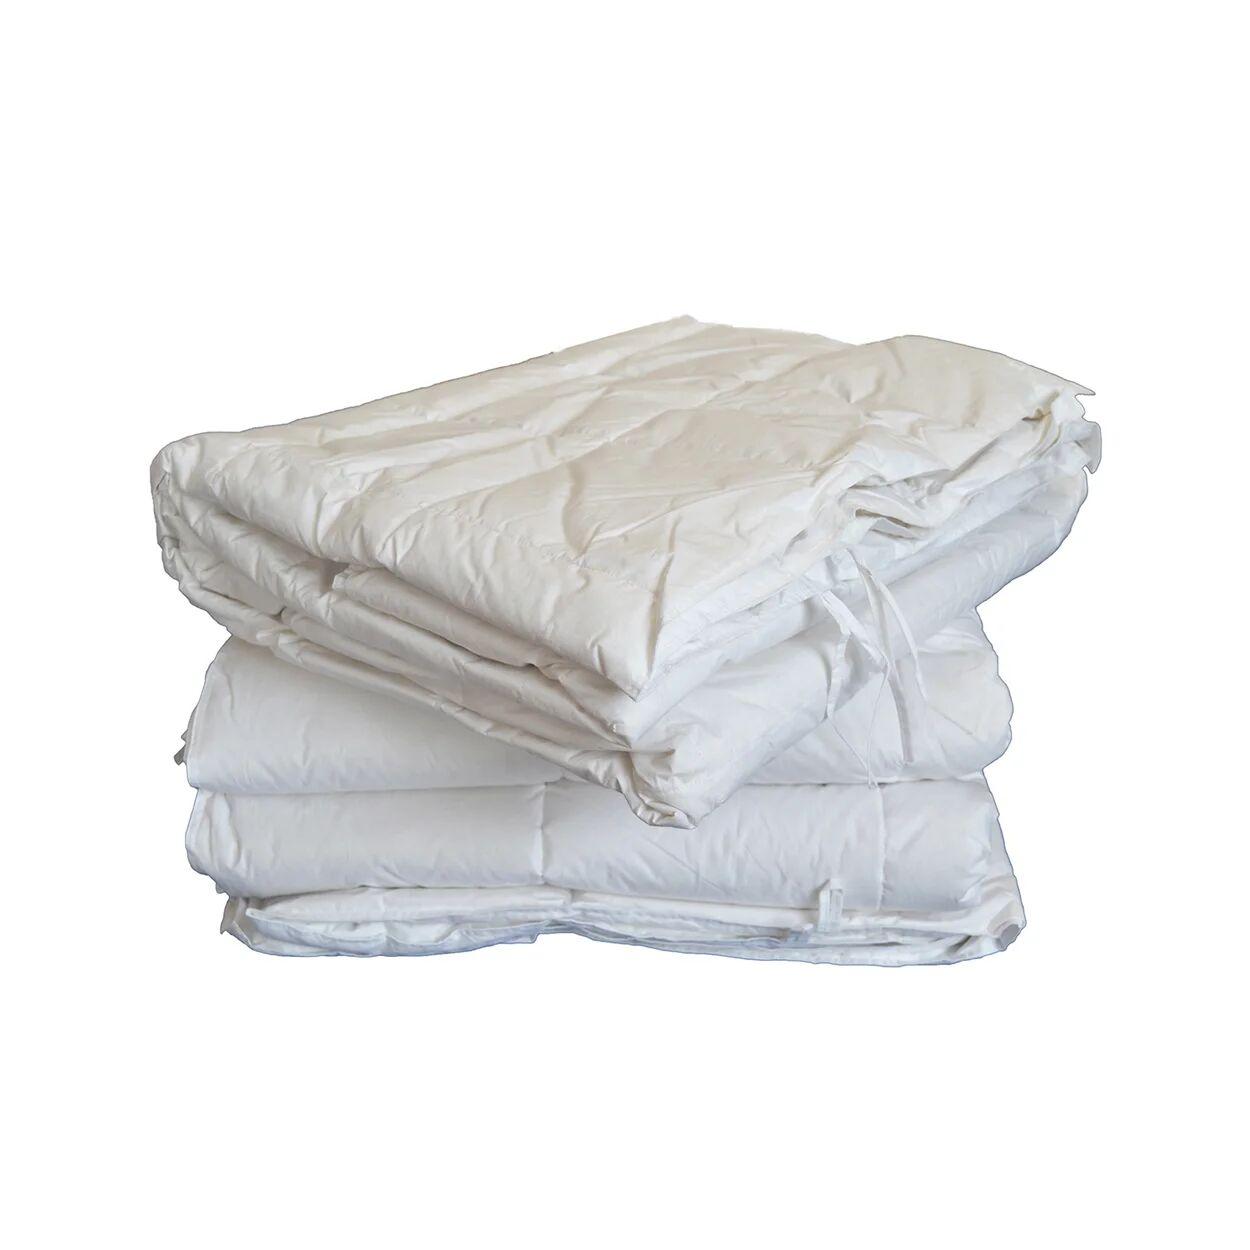 Piumoni in fibra Piumone in Fibra 4 Stagioni con tessuto in puro cotone, bianco